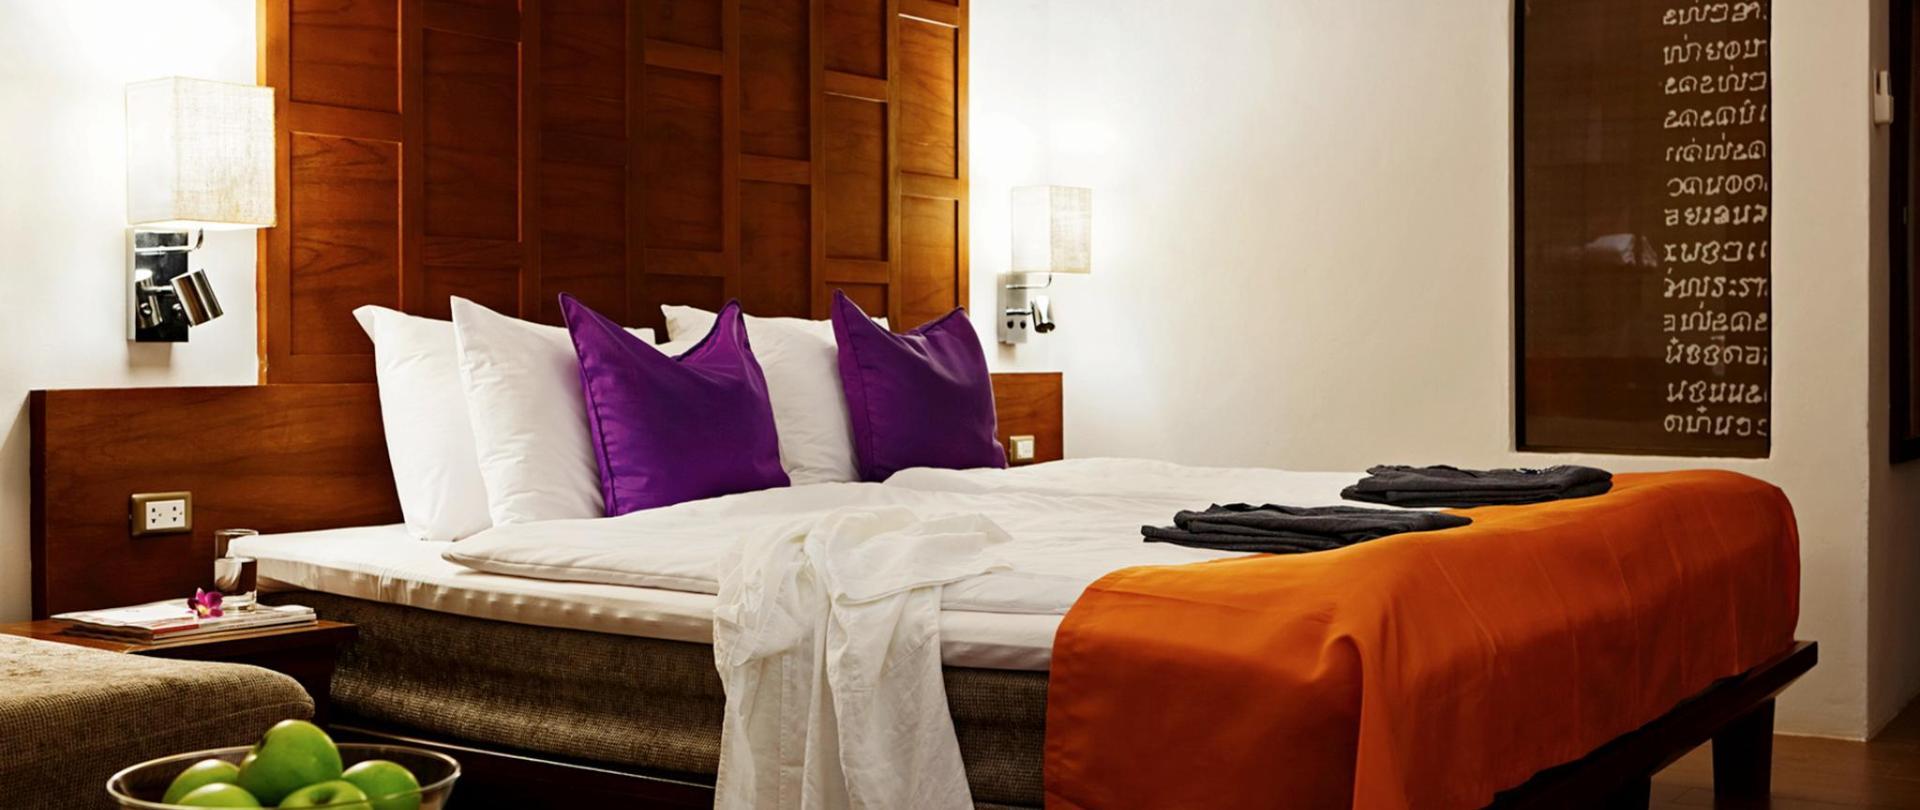 هتل کامالا بیچ ریزورت سانپرایم پو کت